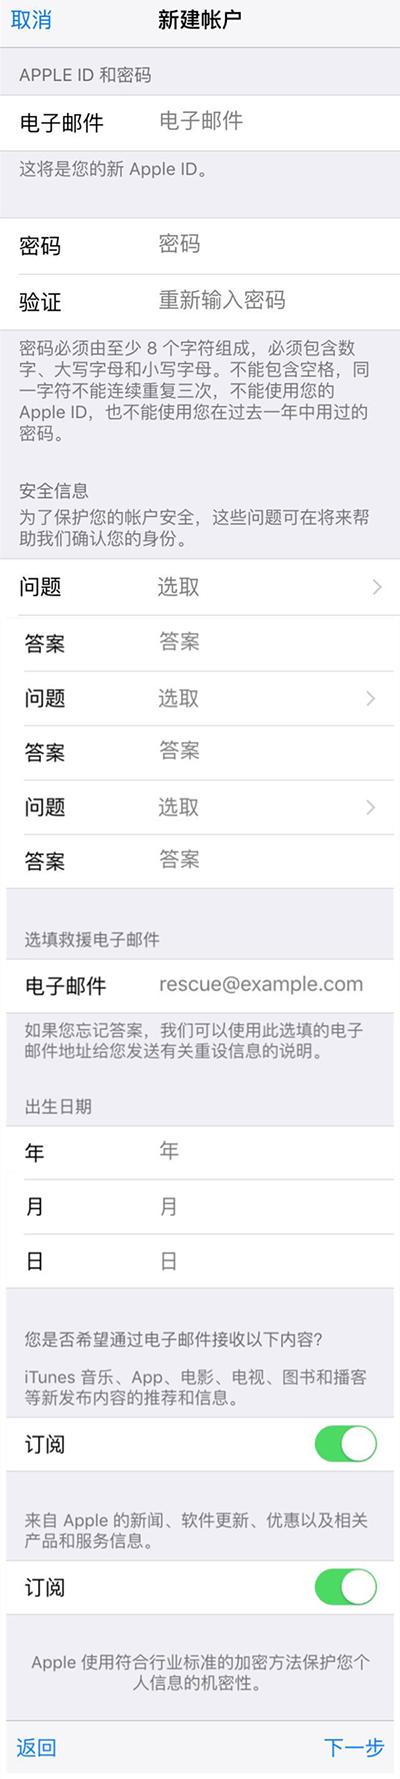 iPhone7怎么创建apple id账号